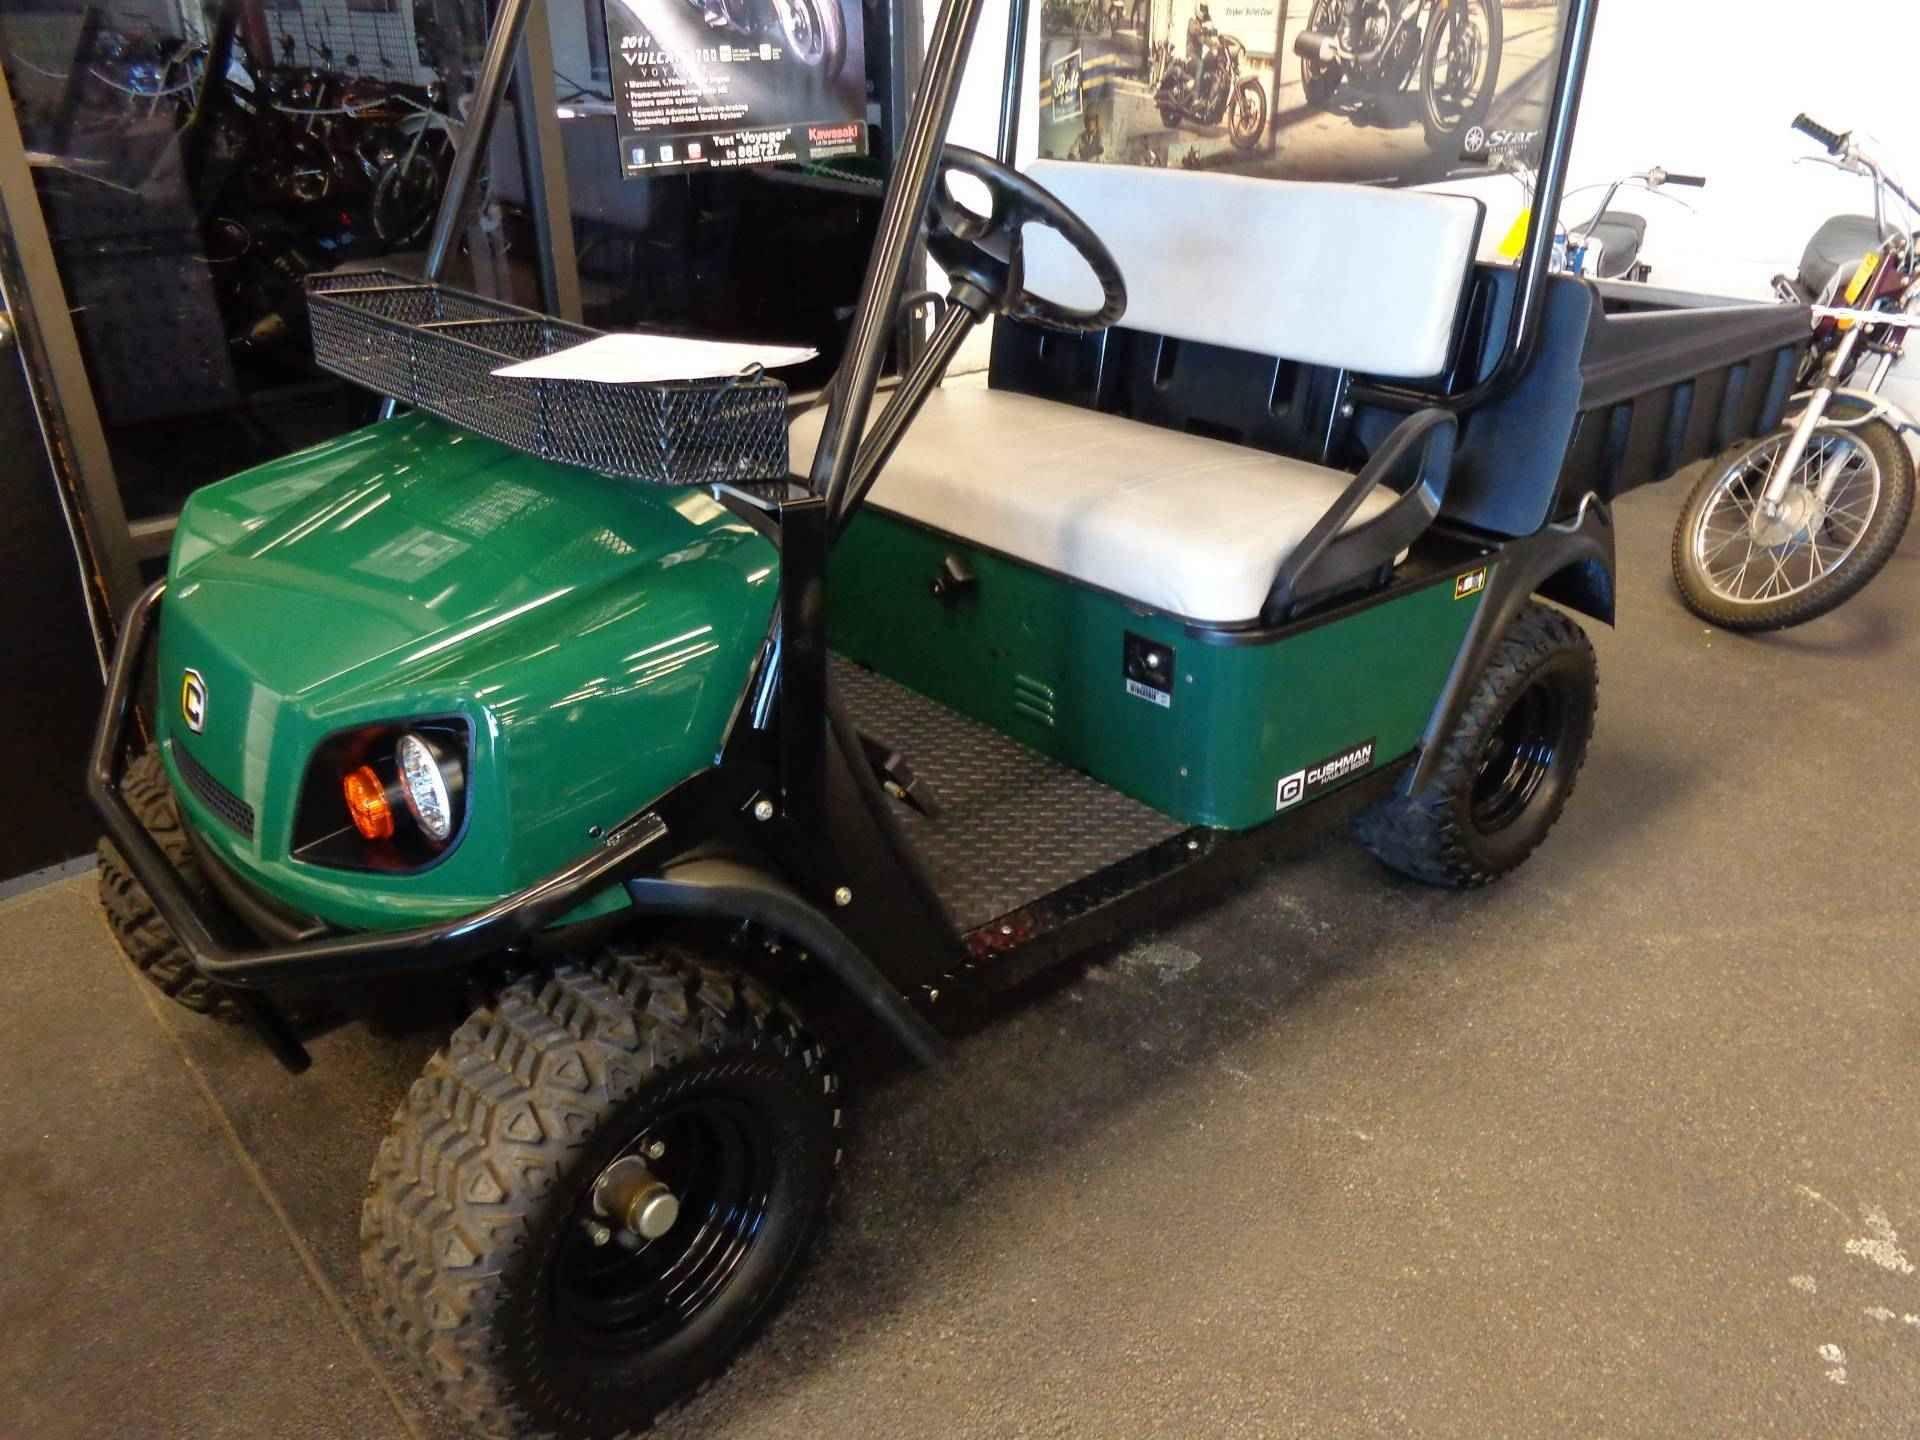 Used 2014 Cushman Hauler 800X ATVs For Sale in California